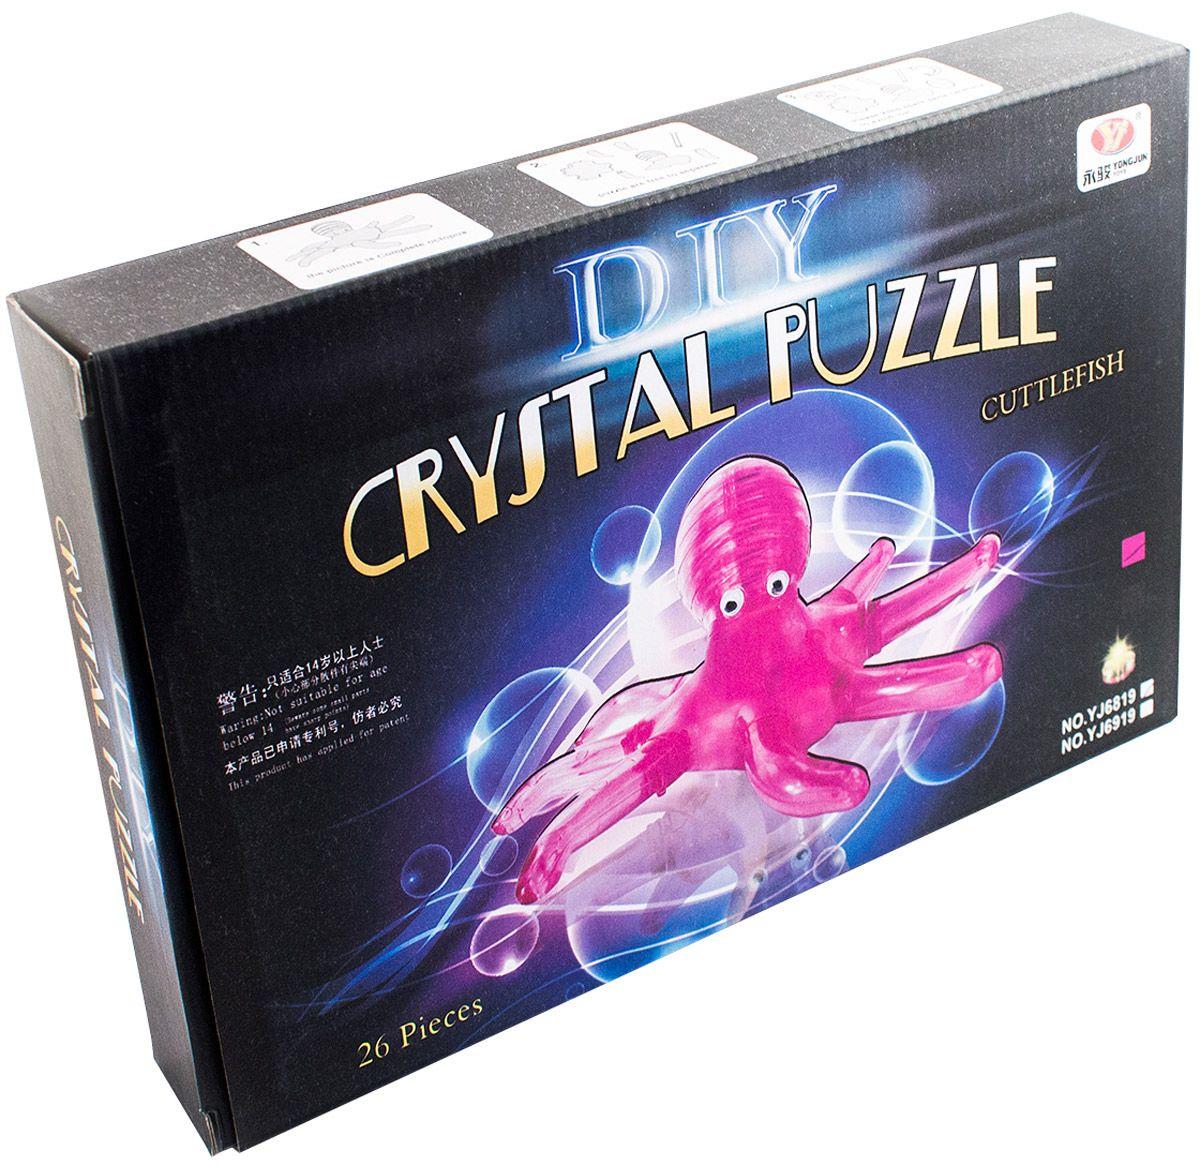 3d crystall puzzle.Осьминог со светом. цвет фиолетовый Hobby Day